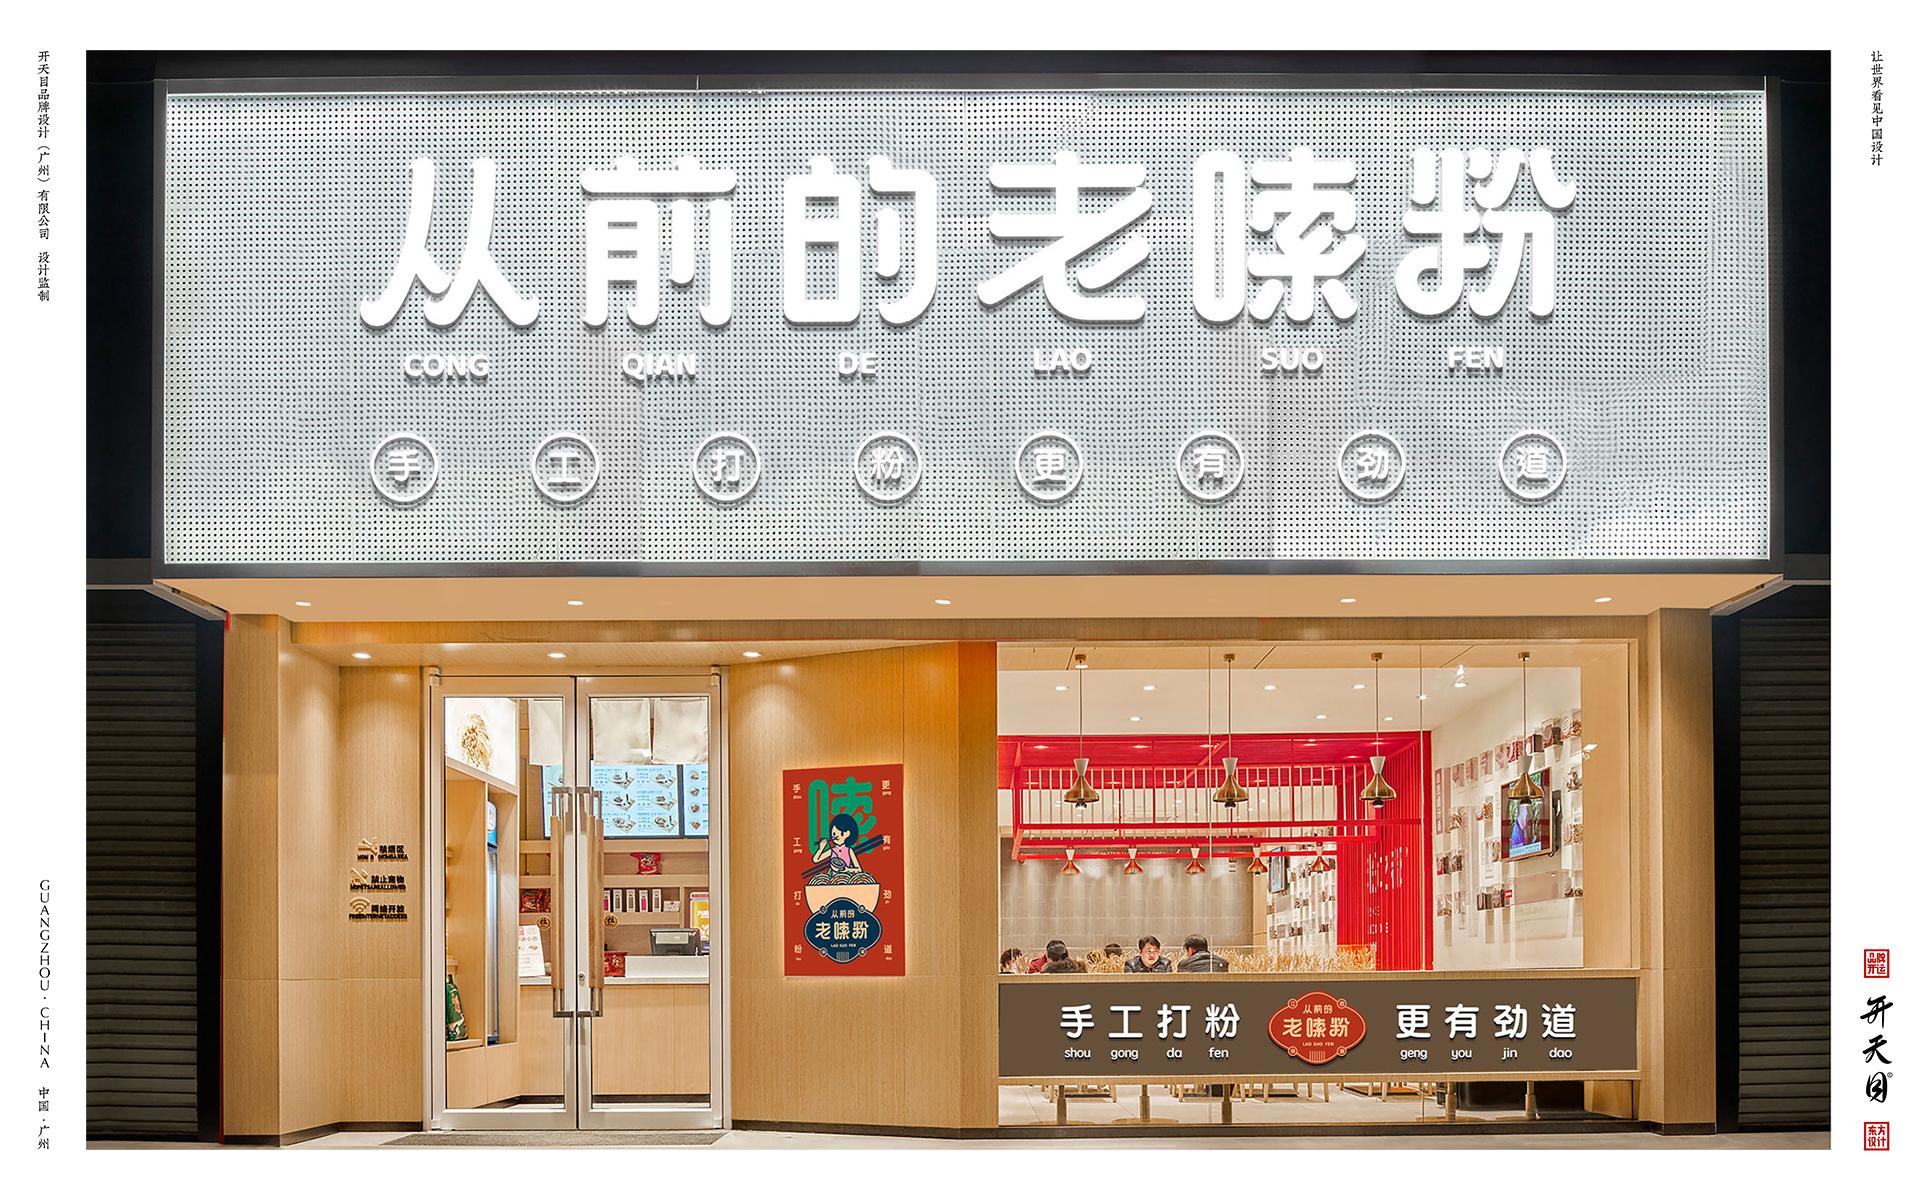 餐饮品牌中国风国潮品牌形象logo vi设计